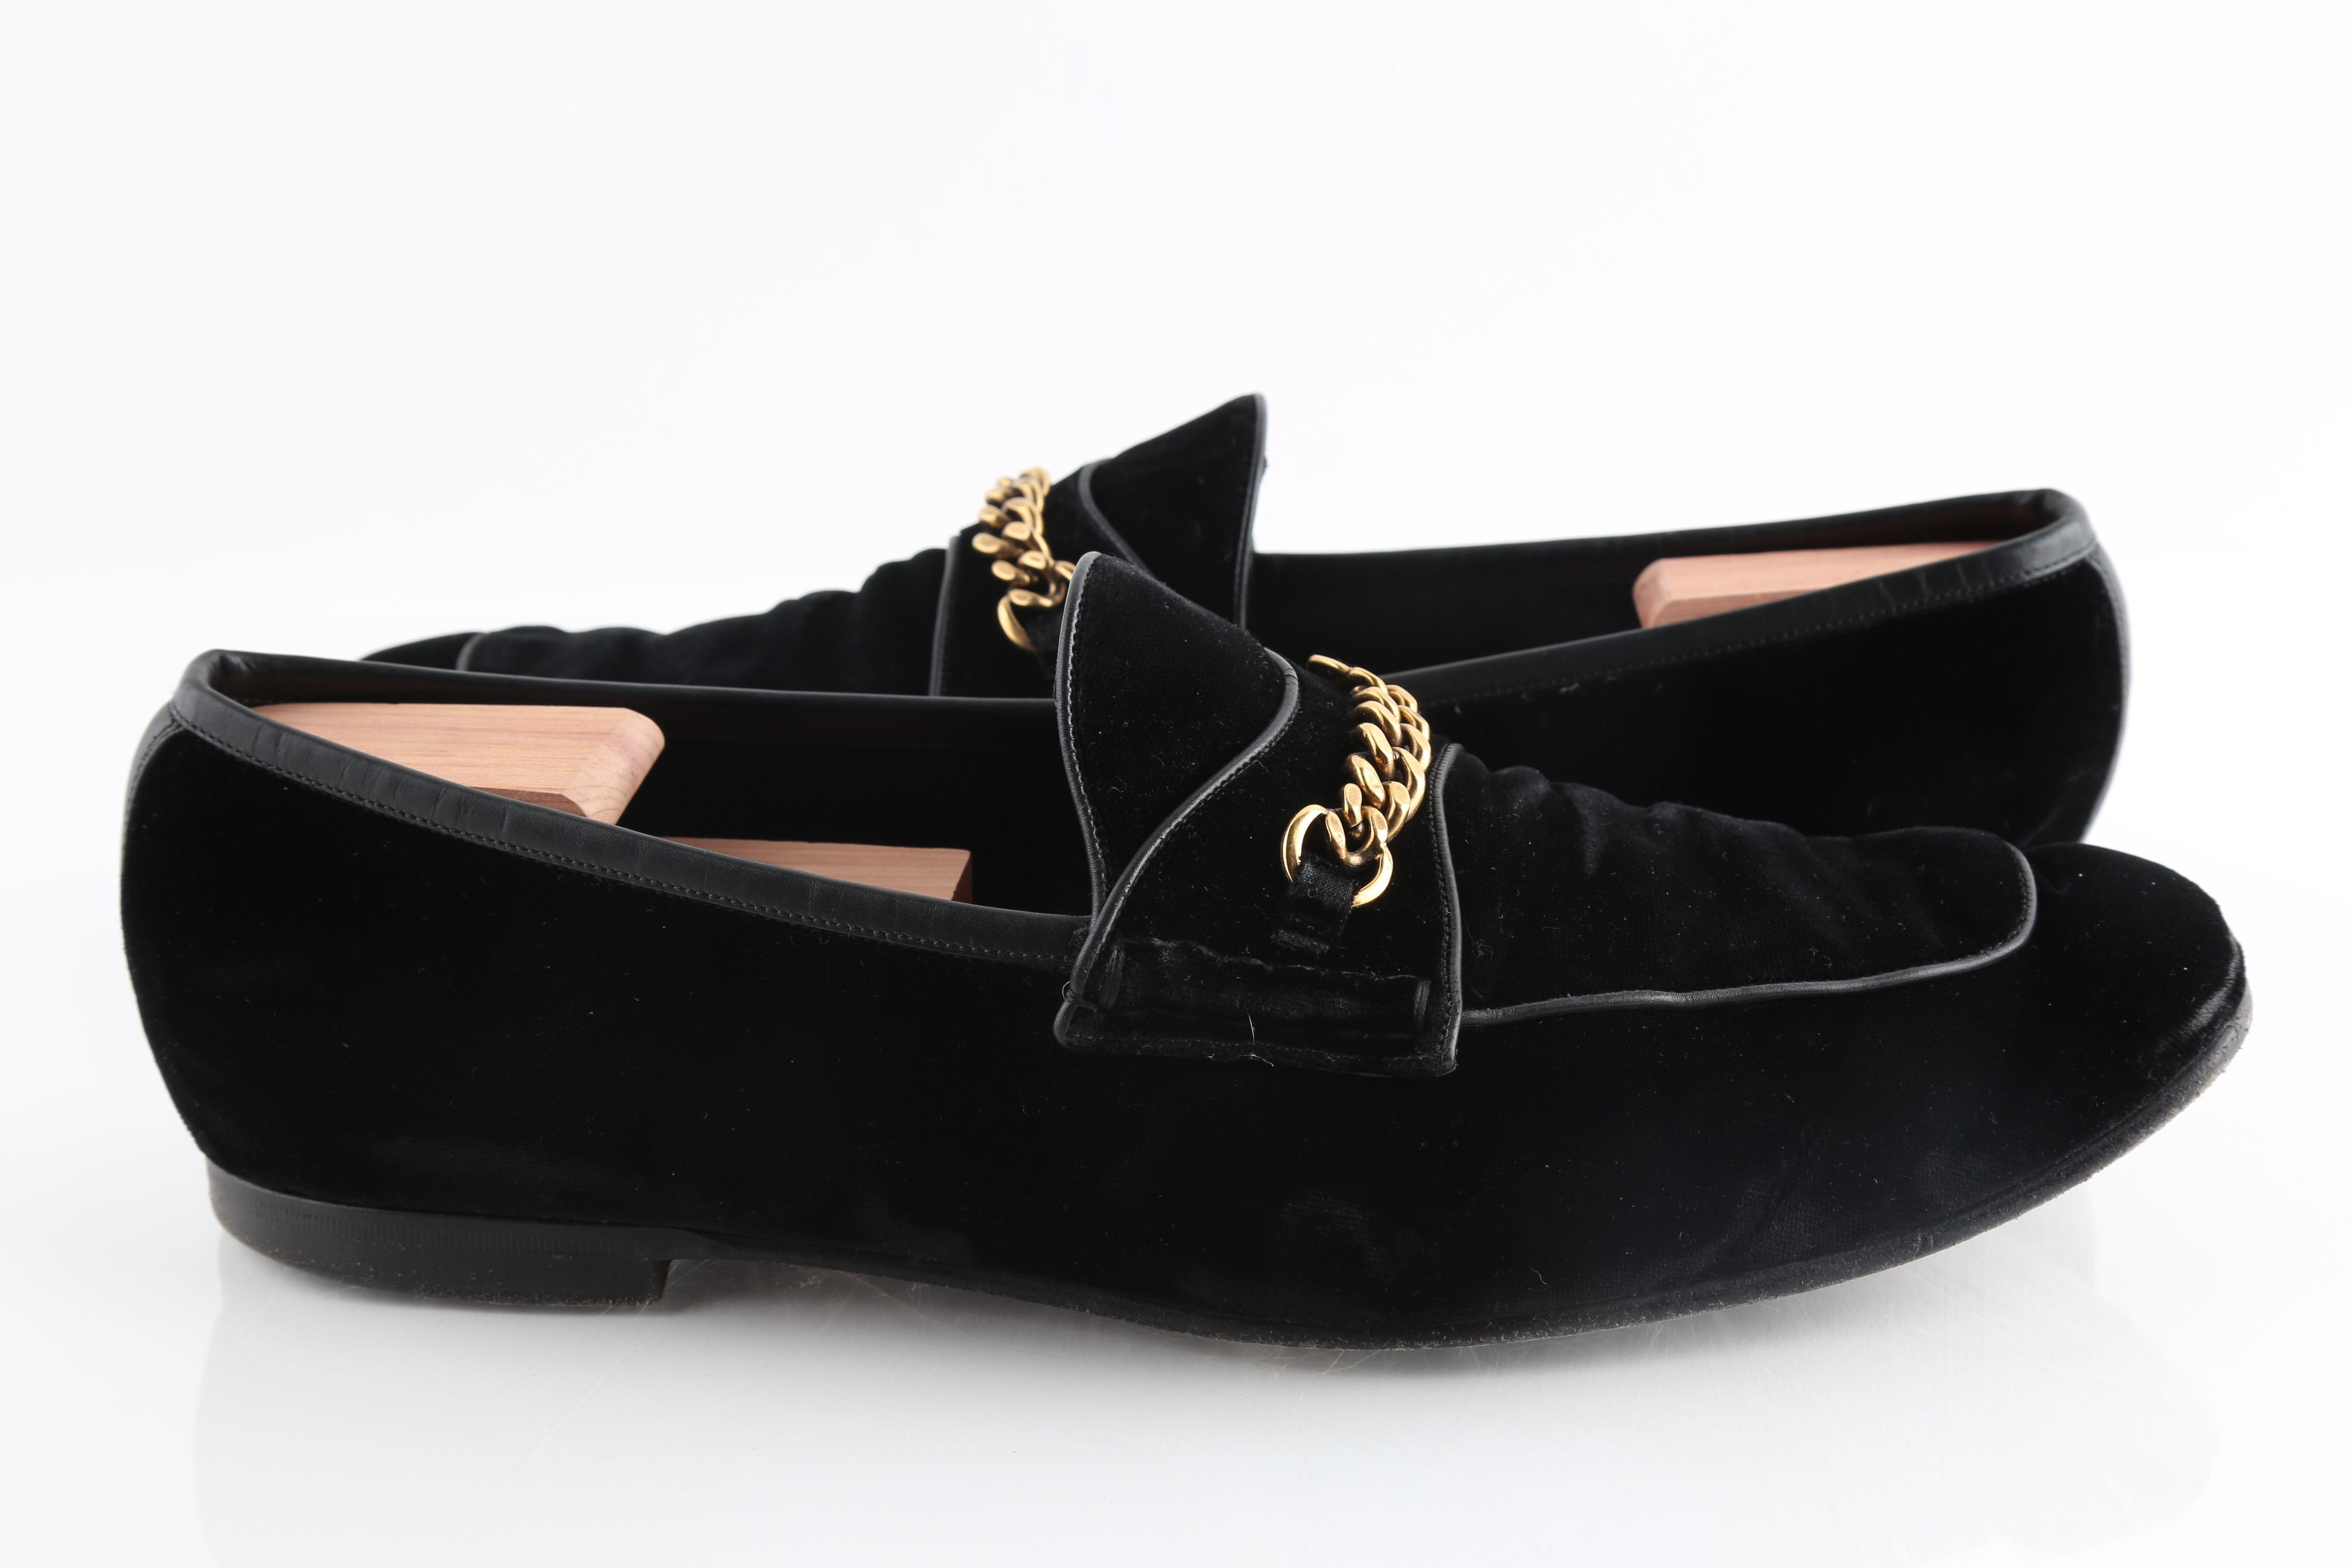 Tom Ford Velvet Leeds Chain Loafers